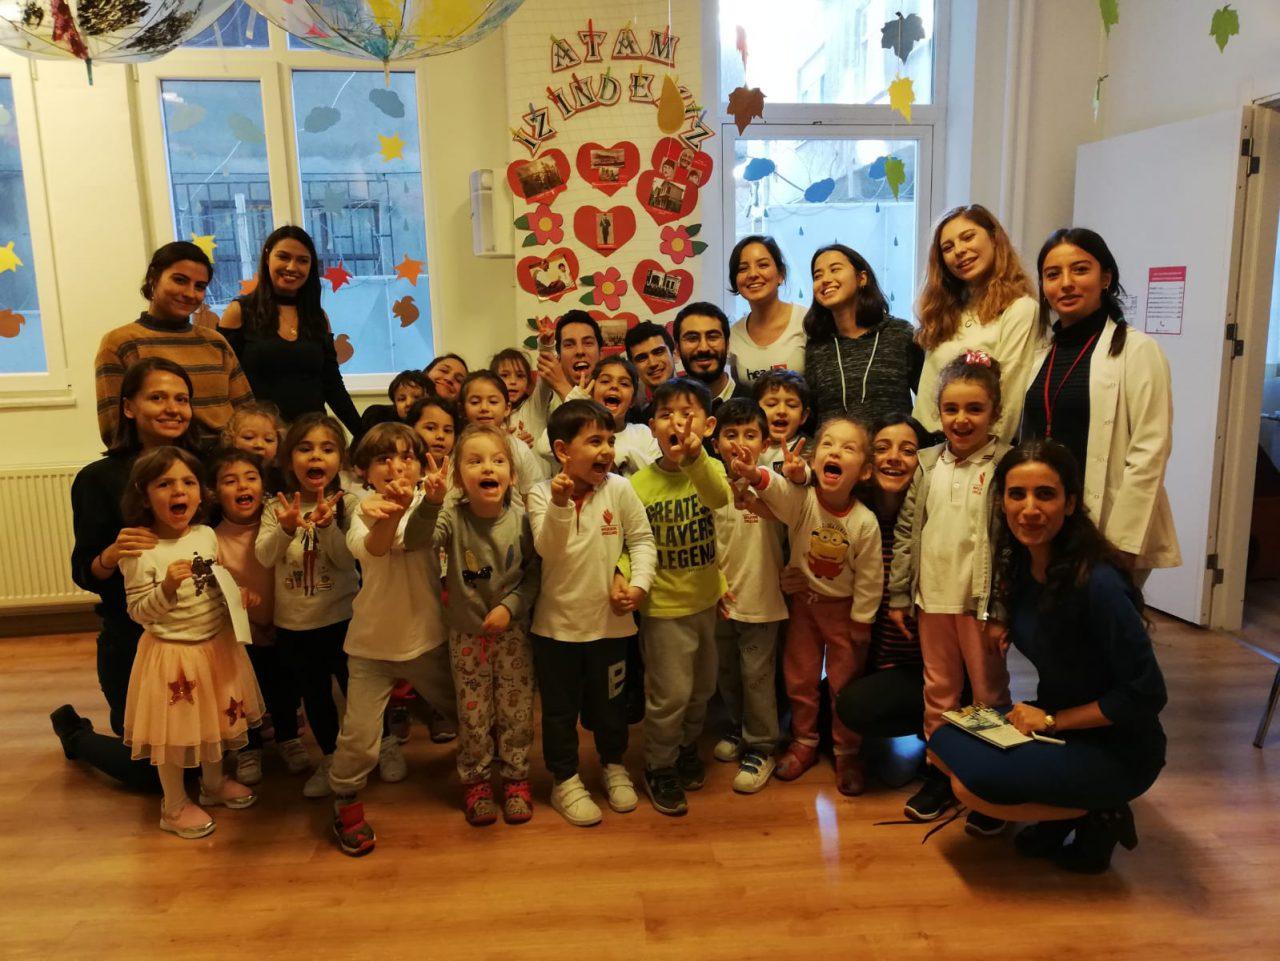 Demokrasi, Hak Gibi Soyut Kavramları Somutlaştıran Proje Çocuk (H)aklı